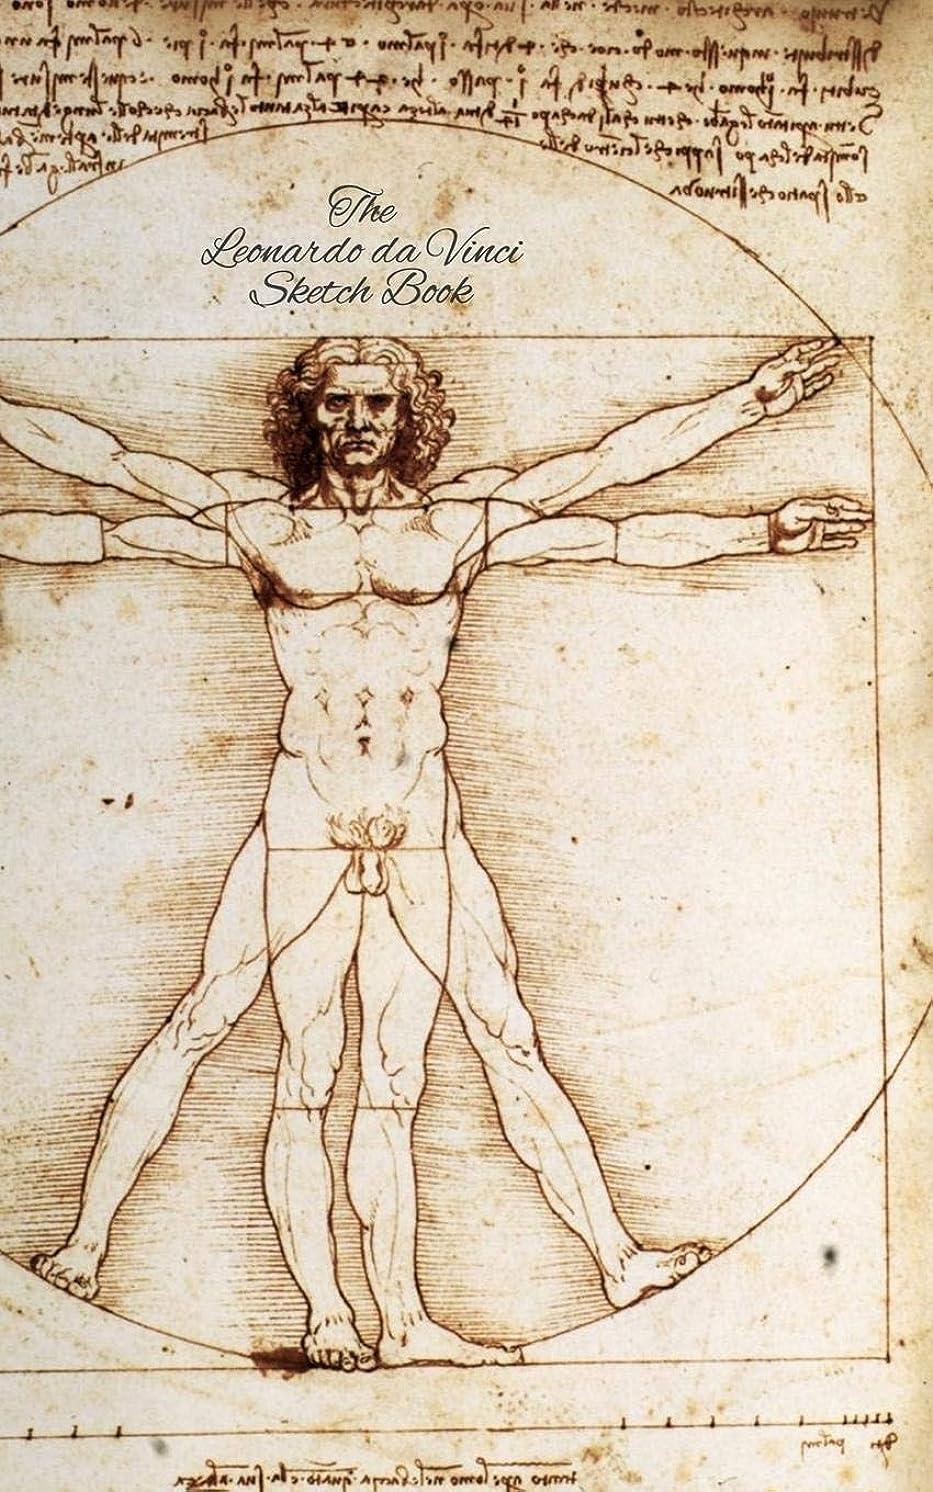 頑張る貸す計算するThe Leonardo da Vinci Sketch Book: The Vitruvian Man: 150 Blank Paper - Leonardo da Vinci?s Notebook, Journal, Sketchbook, Diary, Manuscript (The Vitruvian Man)